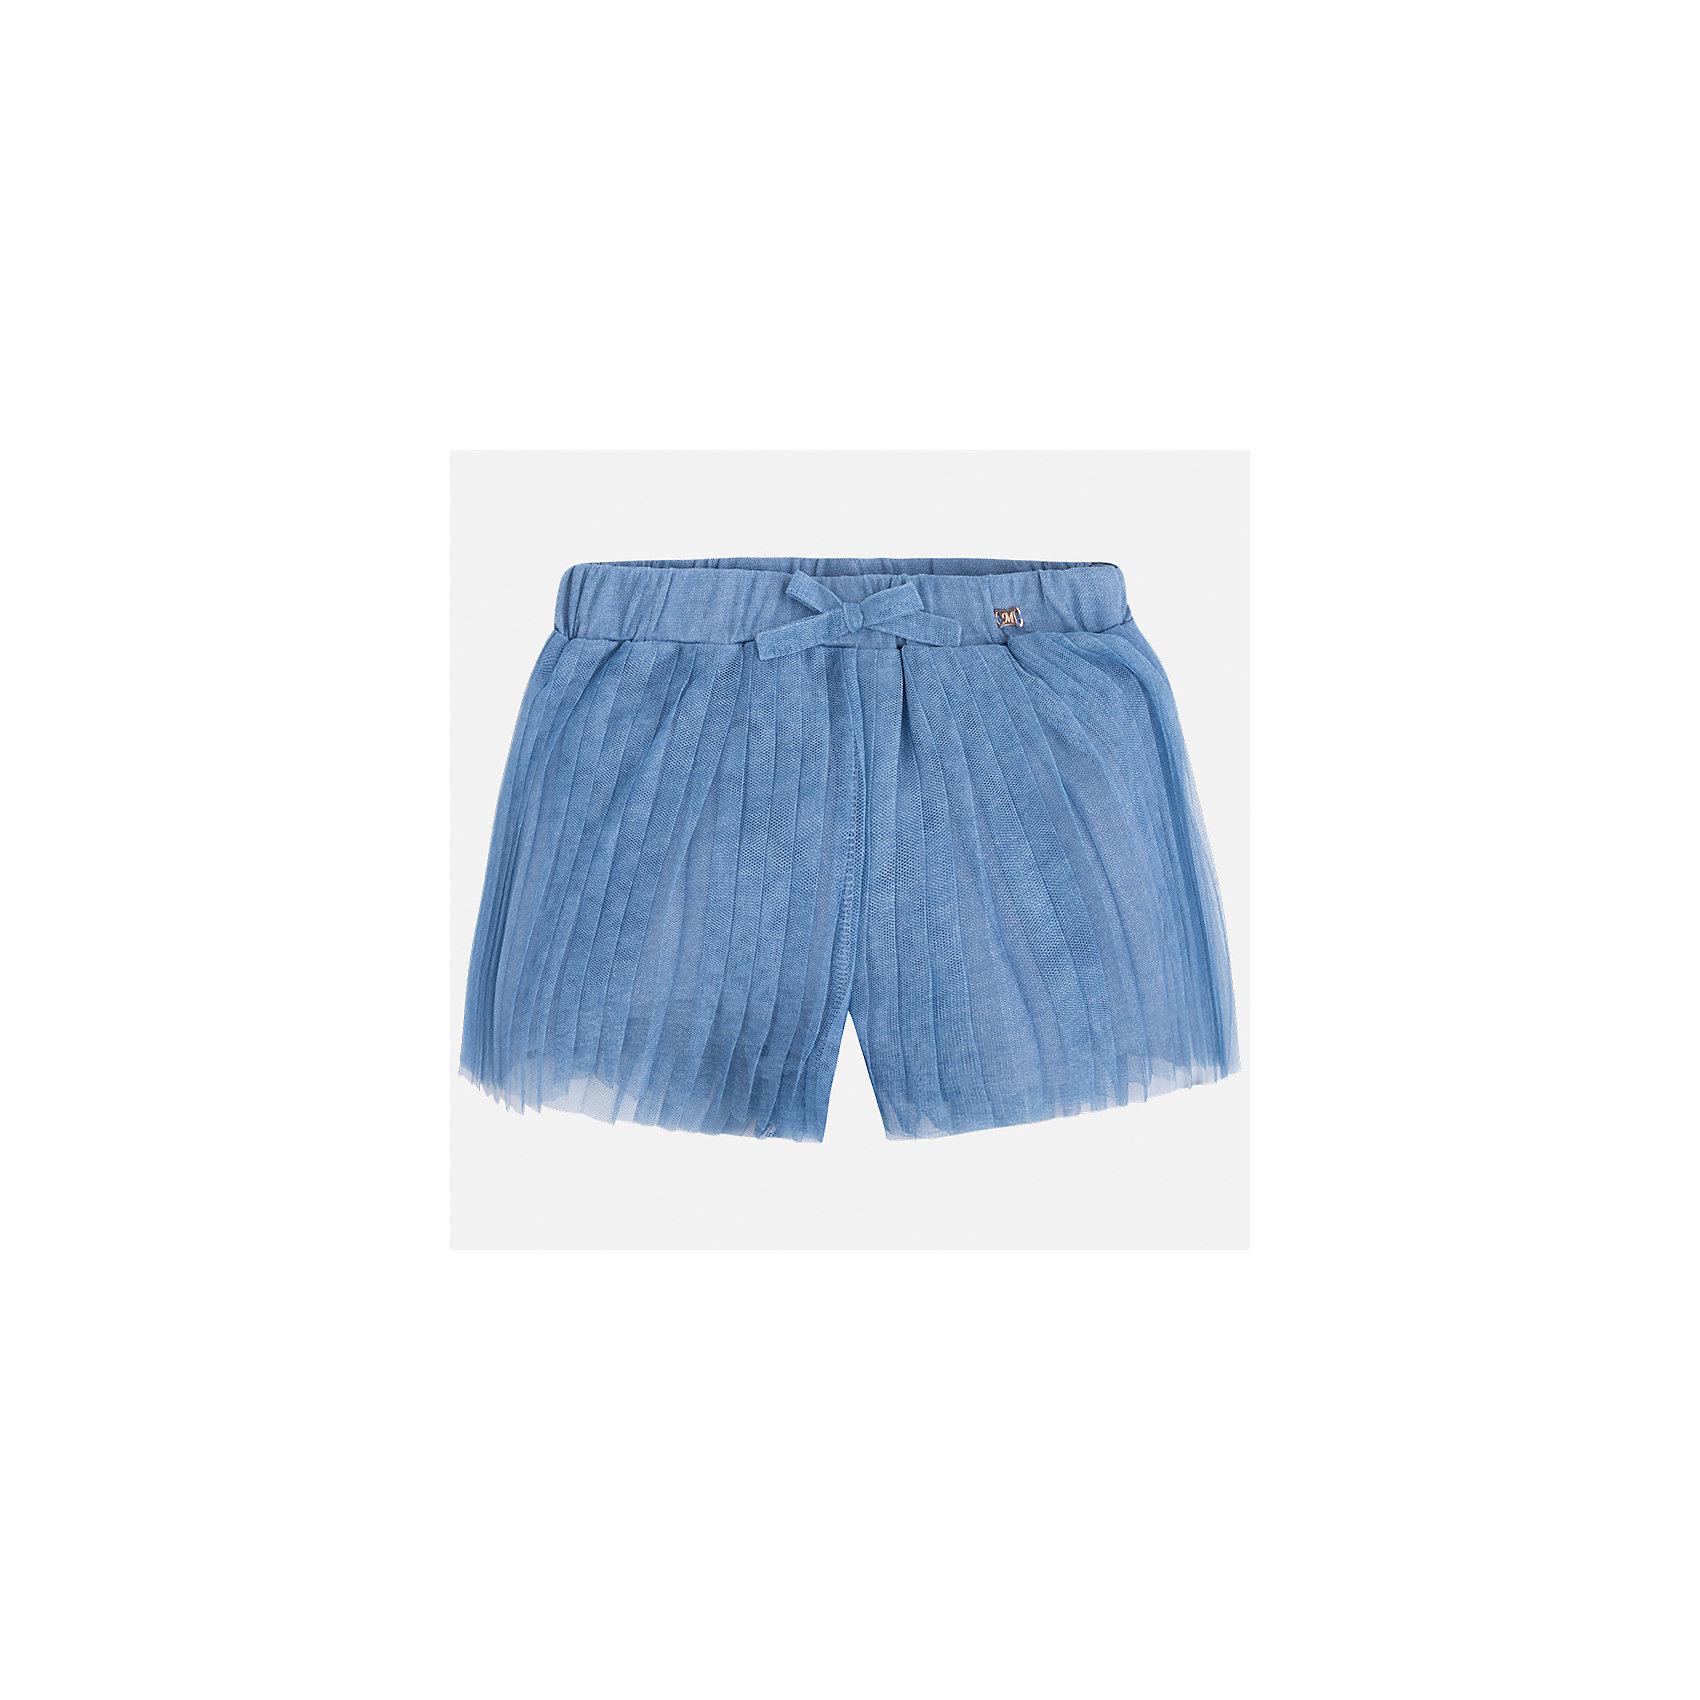 Шорты для девочки MayoralШорты, бриджи, капри<br>Характеристики товара:<br><br>• цвет: голубой<br>• состав: полиэстер, хлопок<br>• легкий материал<br>• с подкладкой<br>• пояс на резинке<br>• украшены бантиком<br>• страна бренда: Испания<br><br>Модные легкие шорты для девочки смогут разнообразить гардероб ребенка и украсить наряд. Они отлично сочетаются с майками, футболками, блузками. Красивый оттенок позволяет подобрать к вещи верх разных расцветок. Интересный крой модели делает её нарядной и оригинальной.<br> <br>Одежда, обувь и аксессуары от испанского бренда Mayoral полюбились детям и взрослым по всему миру. Модели этой марки - стильные и удобные. Для их производства используются только безопасные, качественные материалы и фурнитура. Порадуйте ребенка модными и красивыми вещами от Mayoral! <br><br>Шорты для девочки от испанского бренда Mayoral (Майорал) можно купить в нашем интернет-магазине.<br><br>Ширина мм: 191<br>Глубина мм: 10<br>Высота мм: 175<br>Вес г: 273<br>Цвет: голубой<br>Возраст от месяцев: 96<br>Возраст до месяцев: 108<br>Пол: Женский<br>Возраст: Детский<br>Размер: 134,116,122,128<br>SKU: 5289641